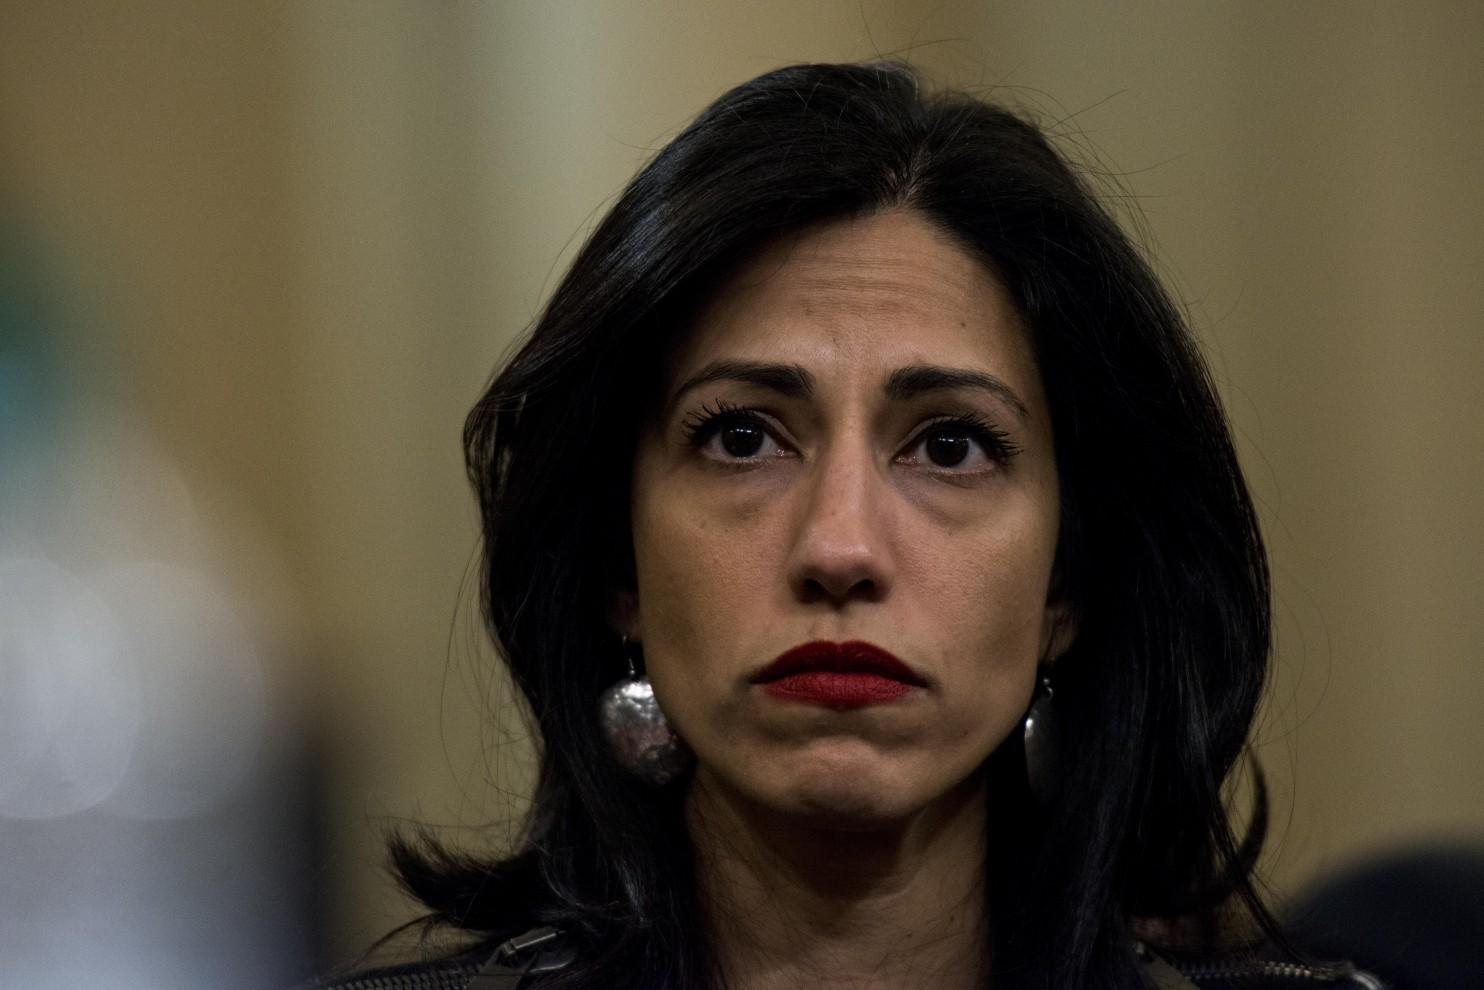 Huma Abedin, une assistante principale de Hillary Clinton, réagit à un témoignage lors d'une audition d'octobre devant la Commission spéciale de la Maison-Blanche sur Benghazi. (Melina Mara/The Washington Post)